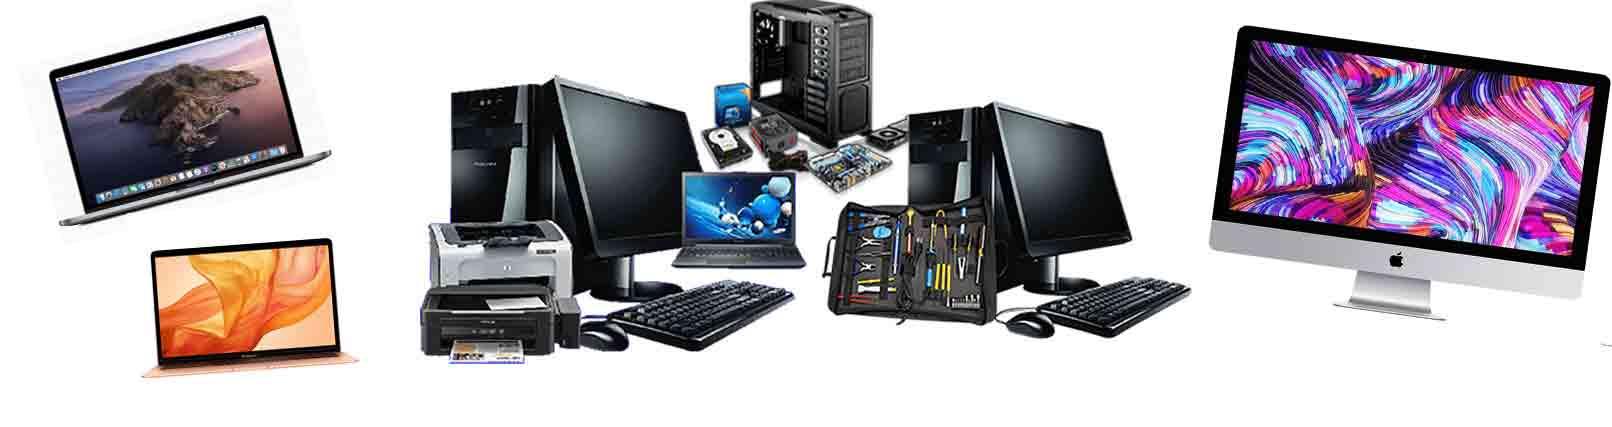 Réparation informatique Menton Monaco